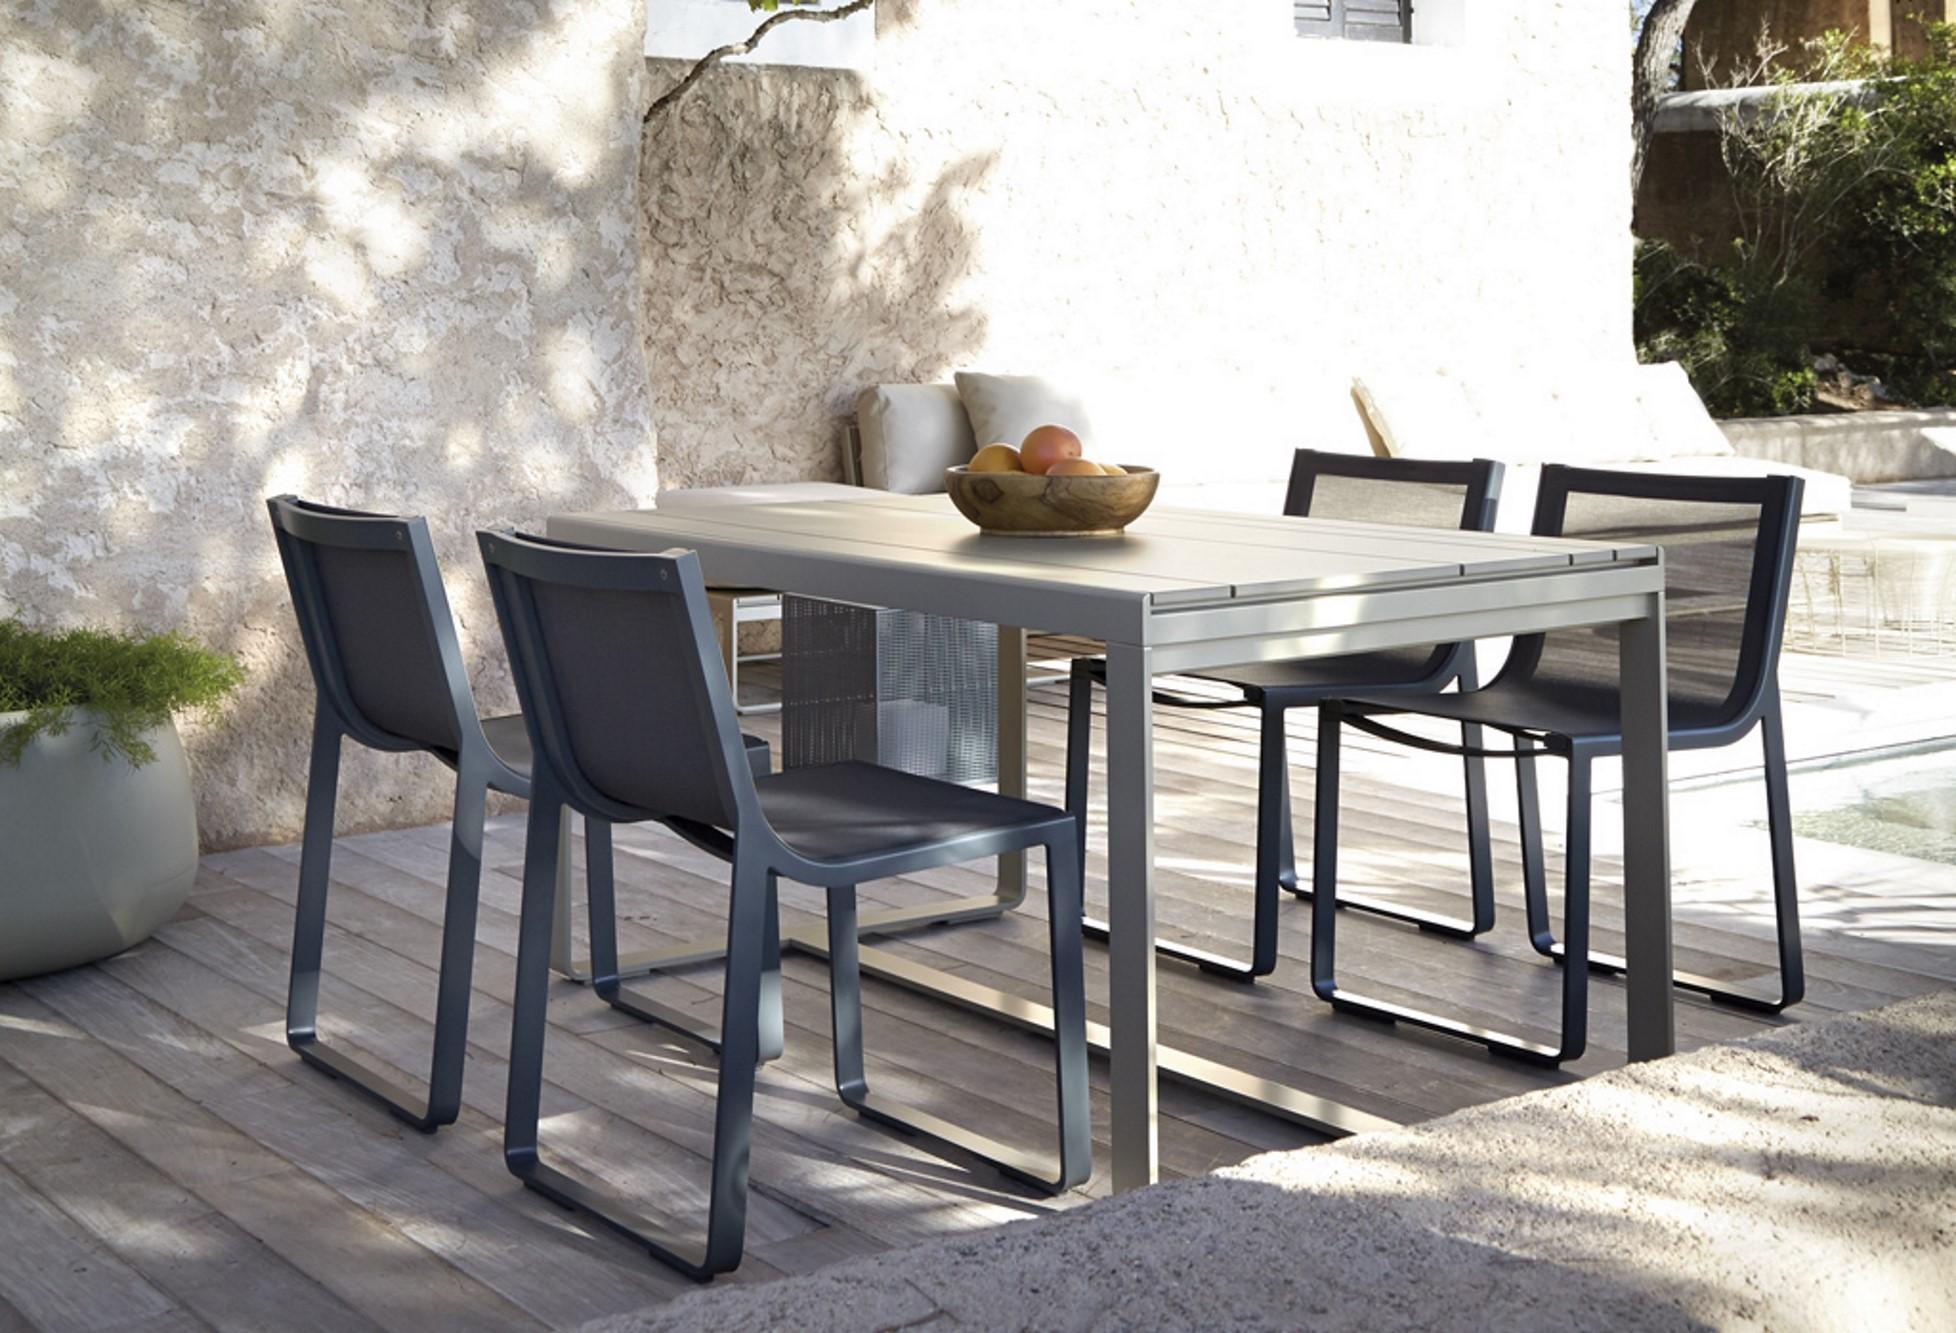 Arredo e mobili per esterni mobilificio Cominazzi Cavallirio - Novara